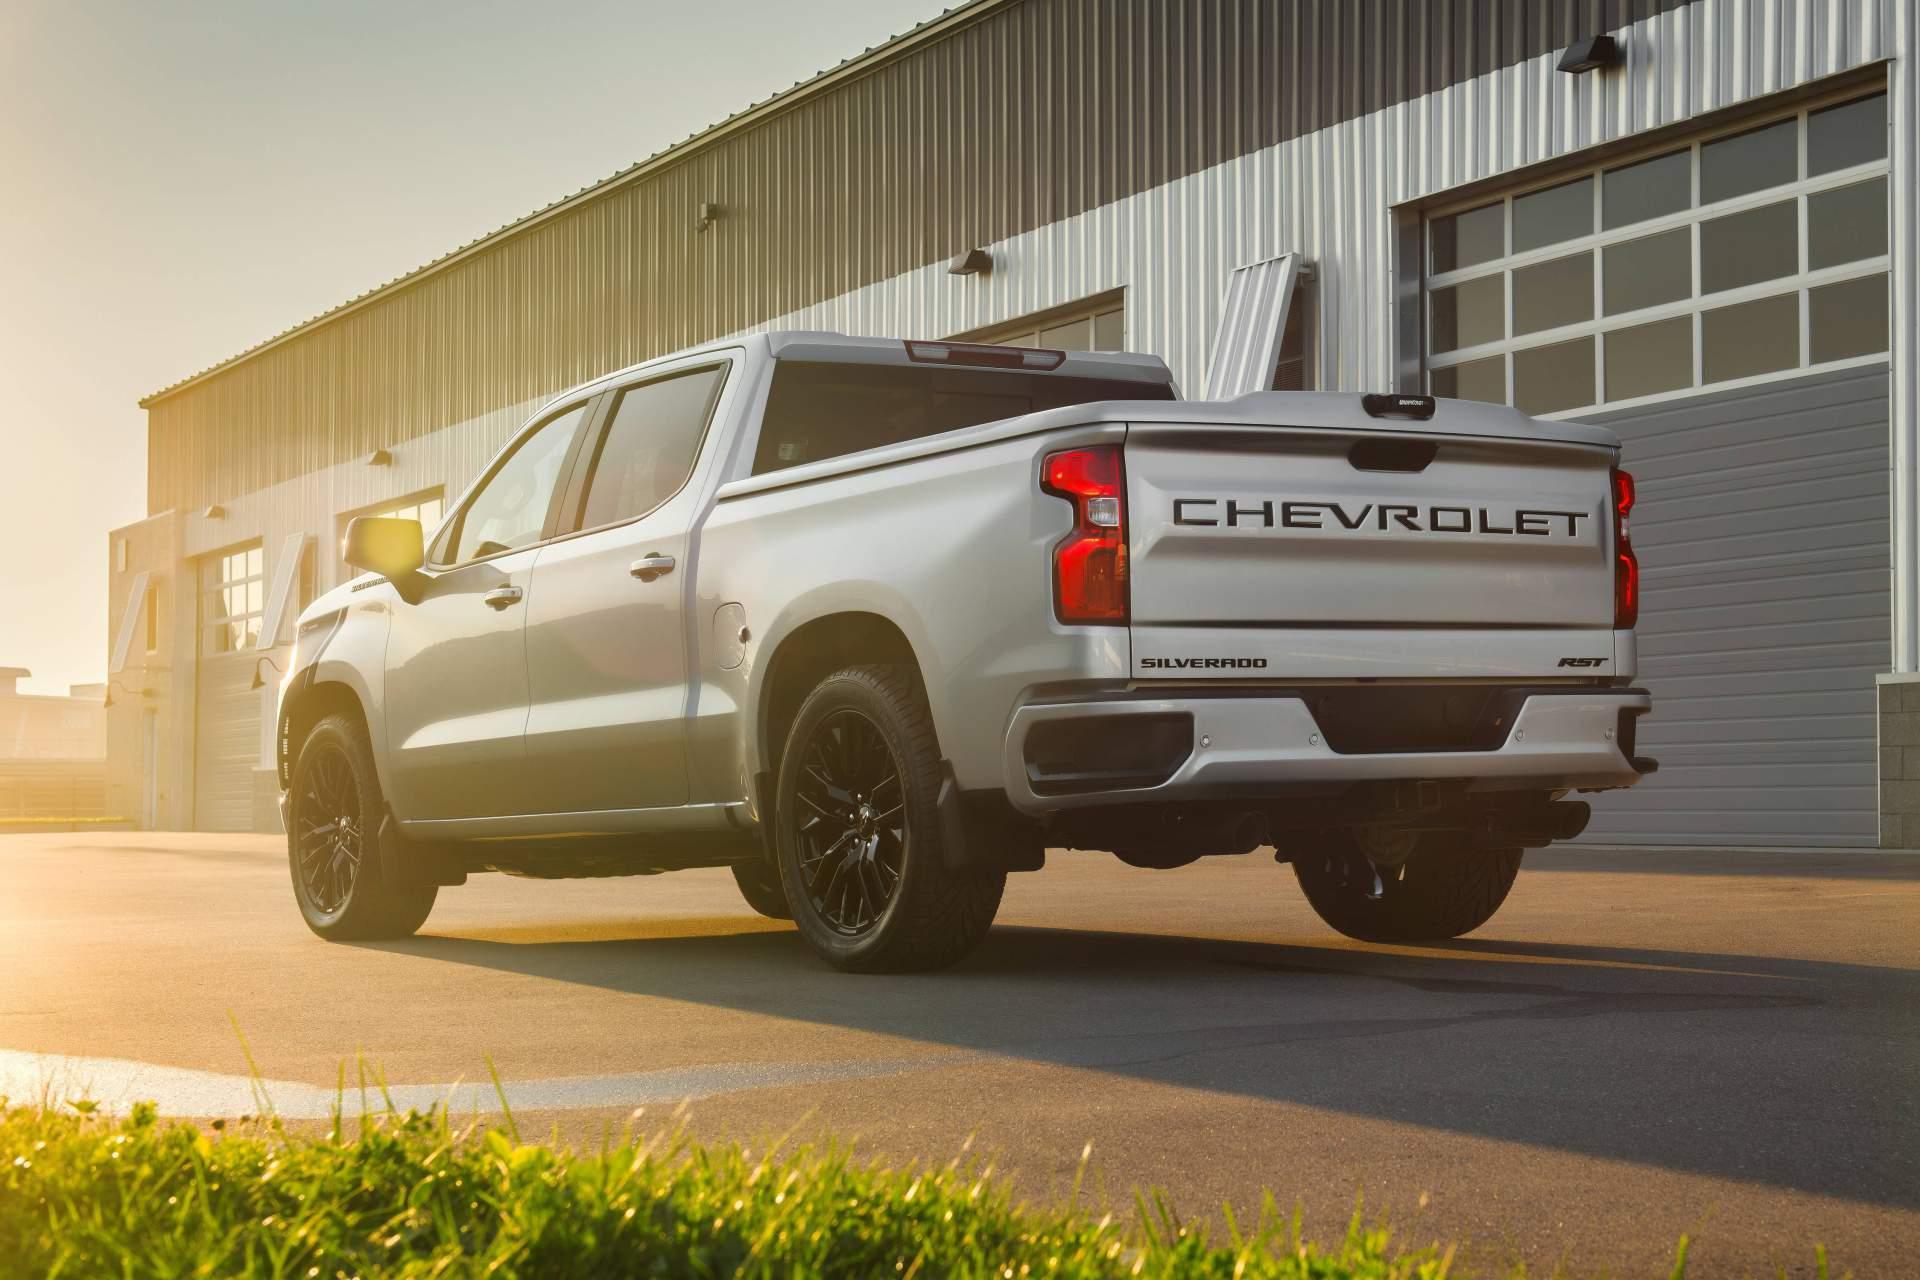 Chevrolet Silverado Concepts 2019 (3)